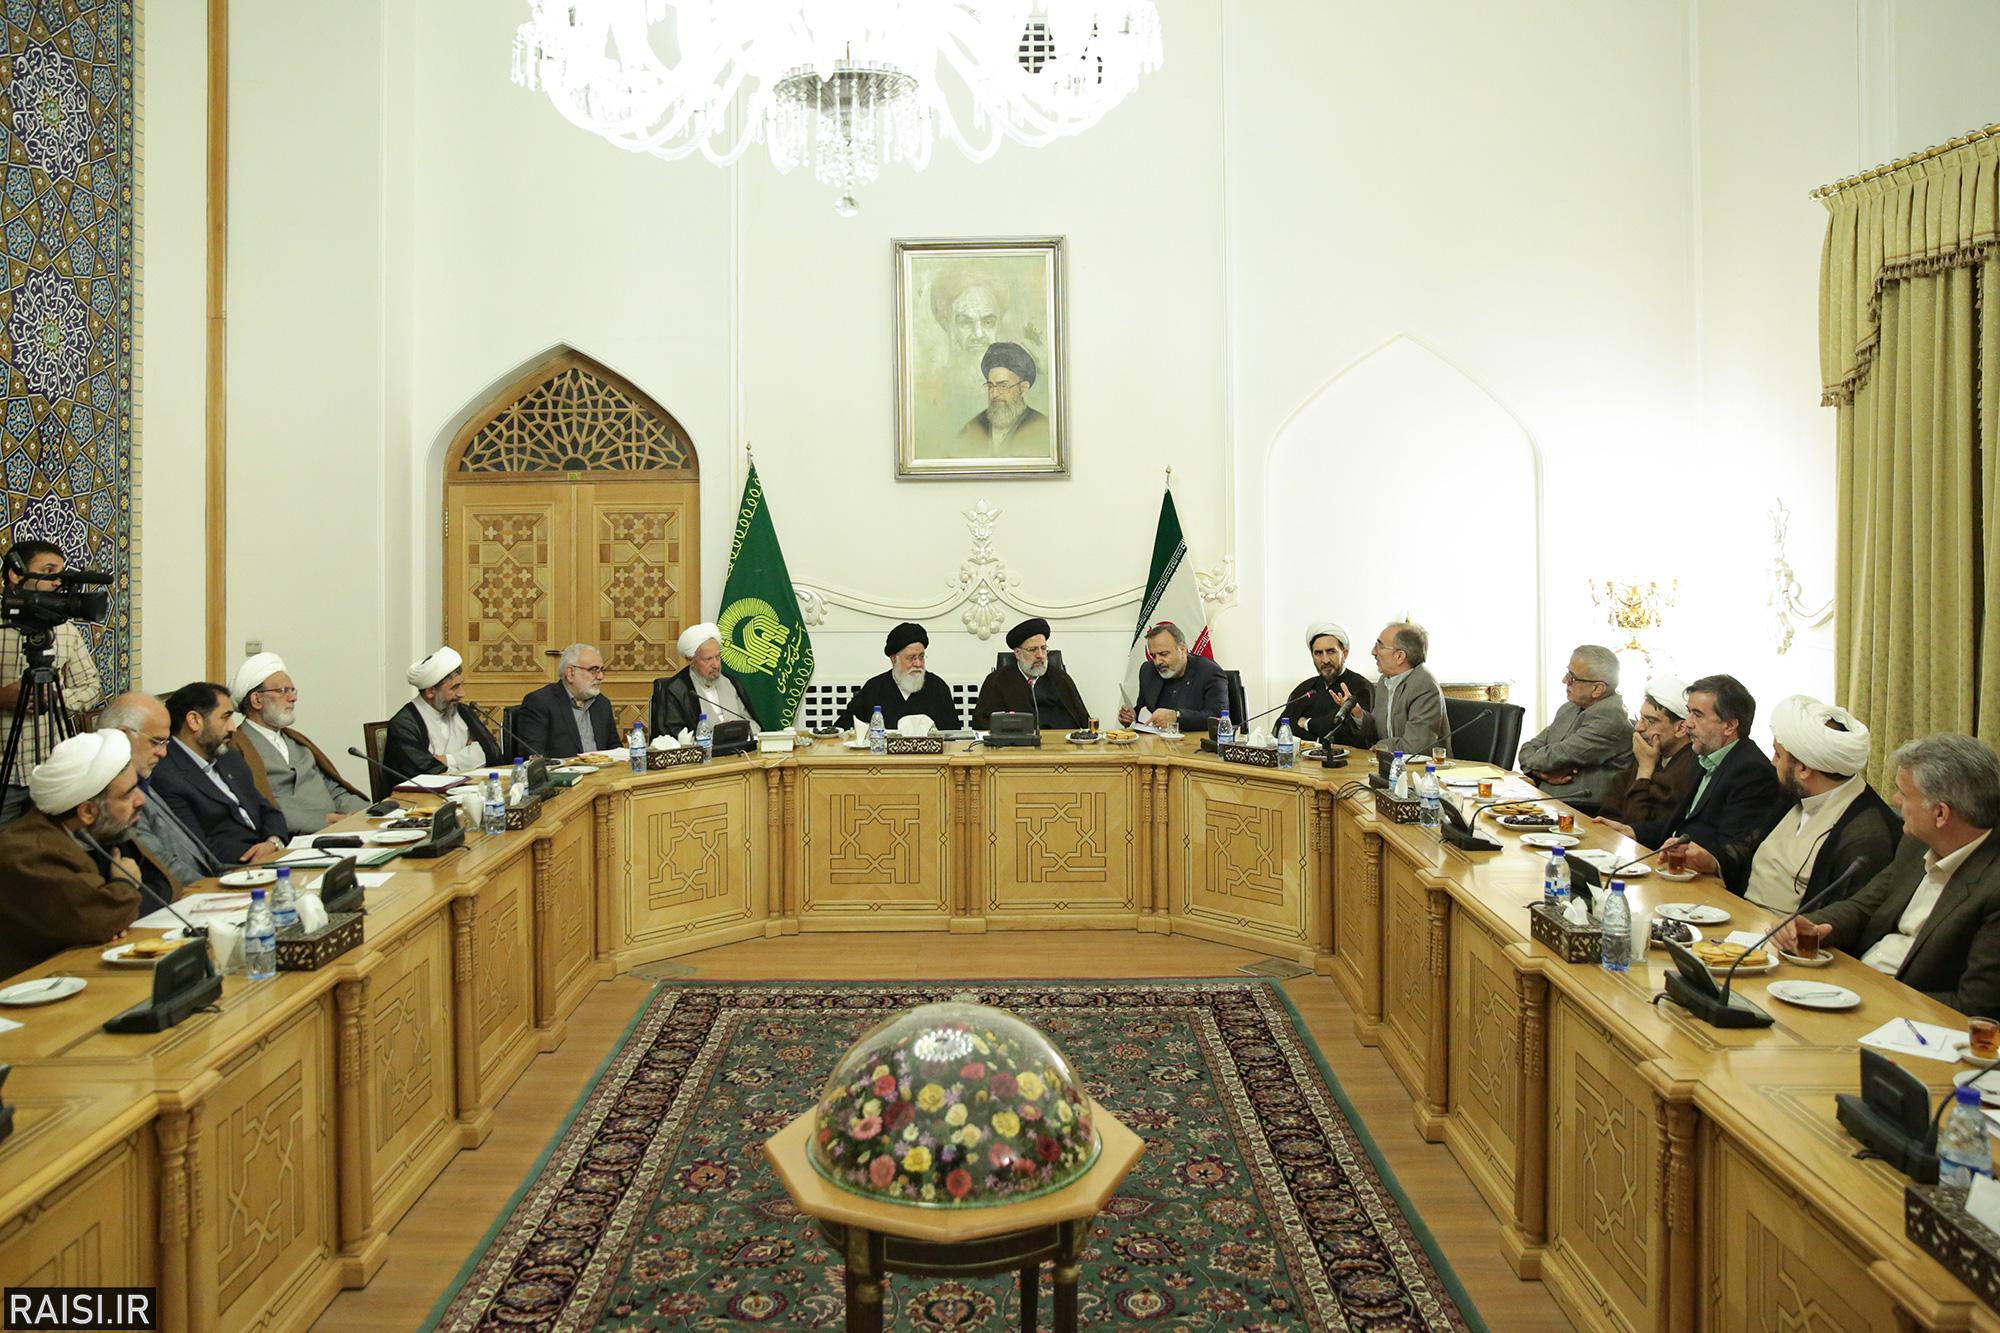 گزارش تصویری مجمع مشورتی آستان قدس رضوی